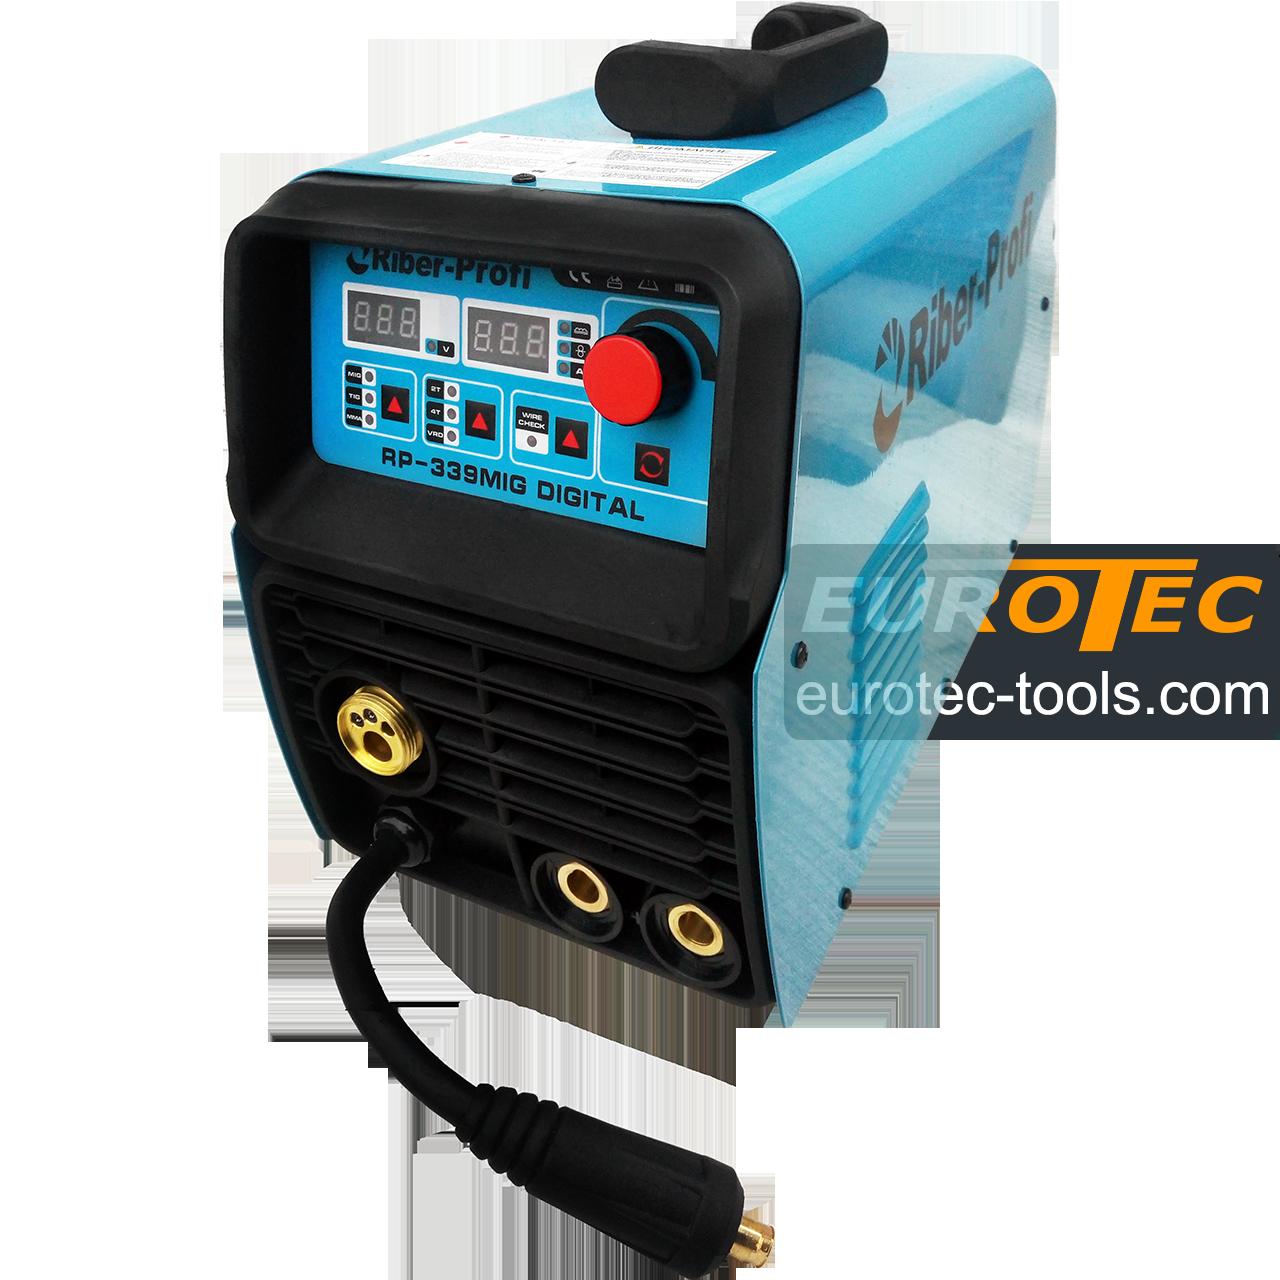 Напівавтомат інверторний 3 в 1 (TIG MIG MMA) Riber-Profi RP-339MIG DIGITAL, зварювальний напівавтомат з